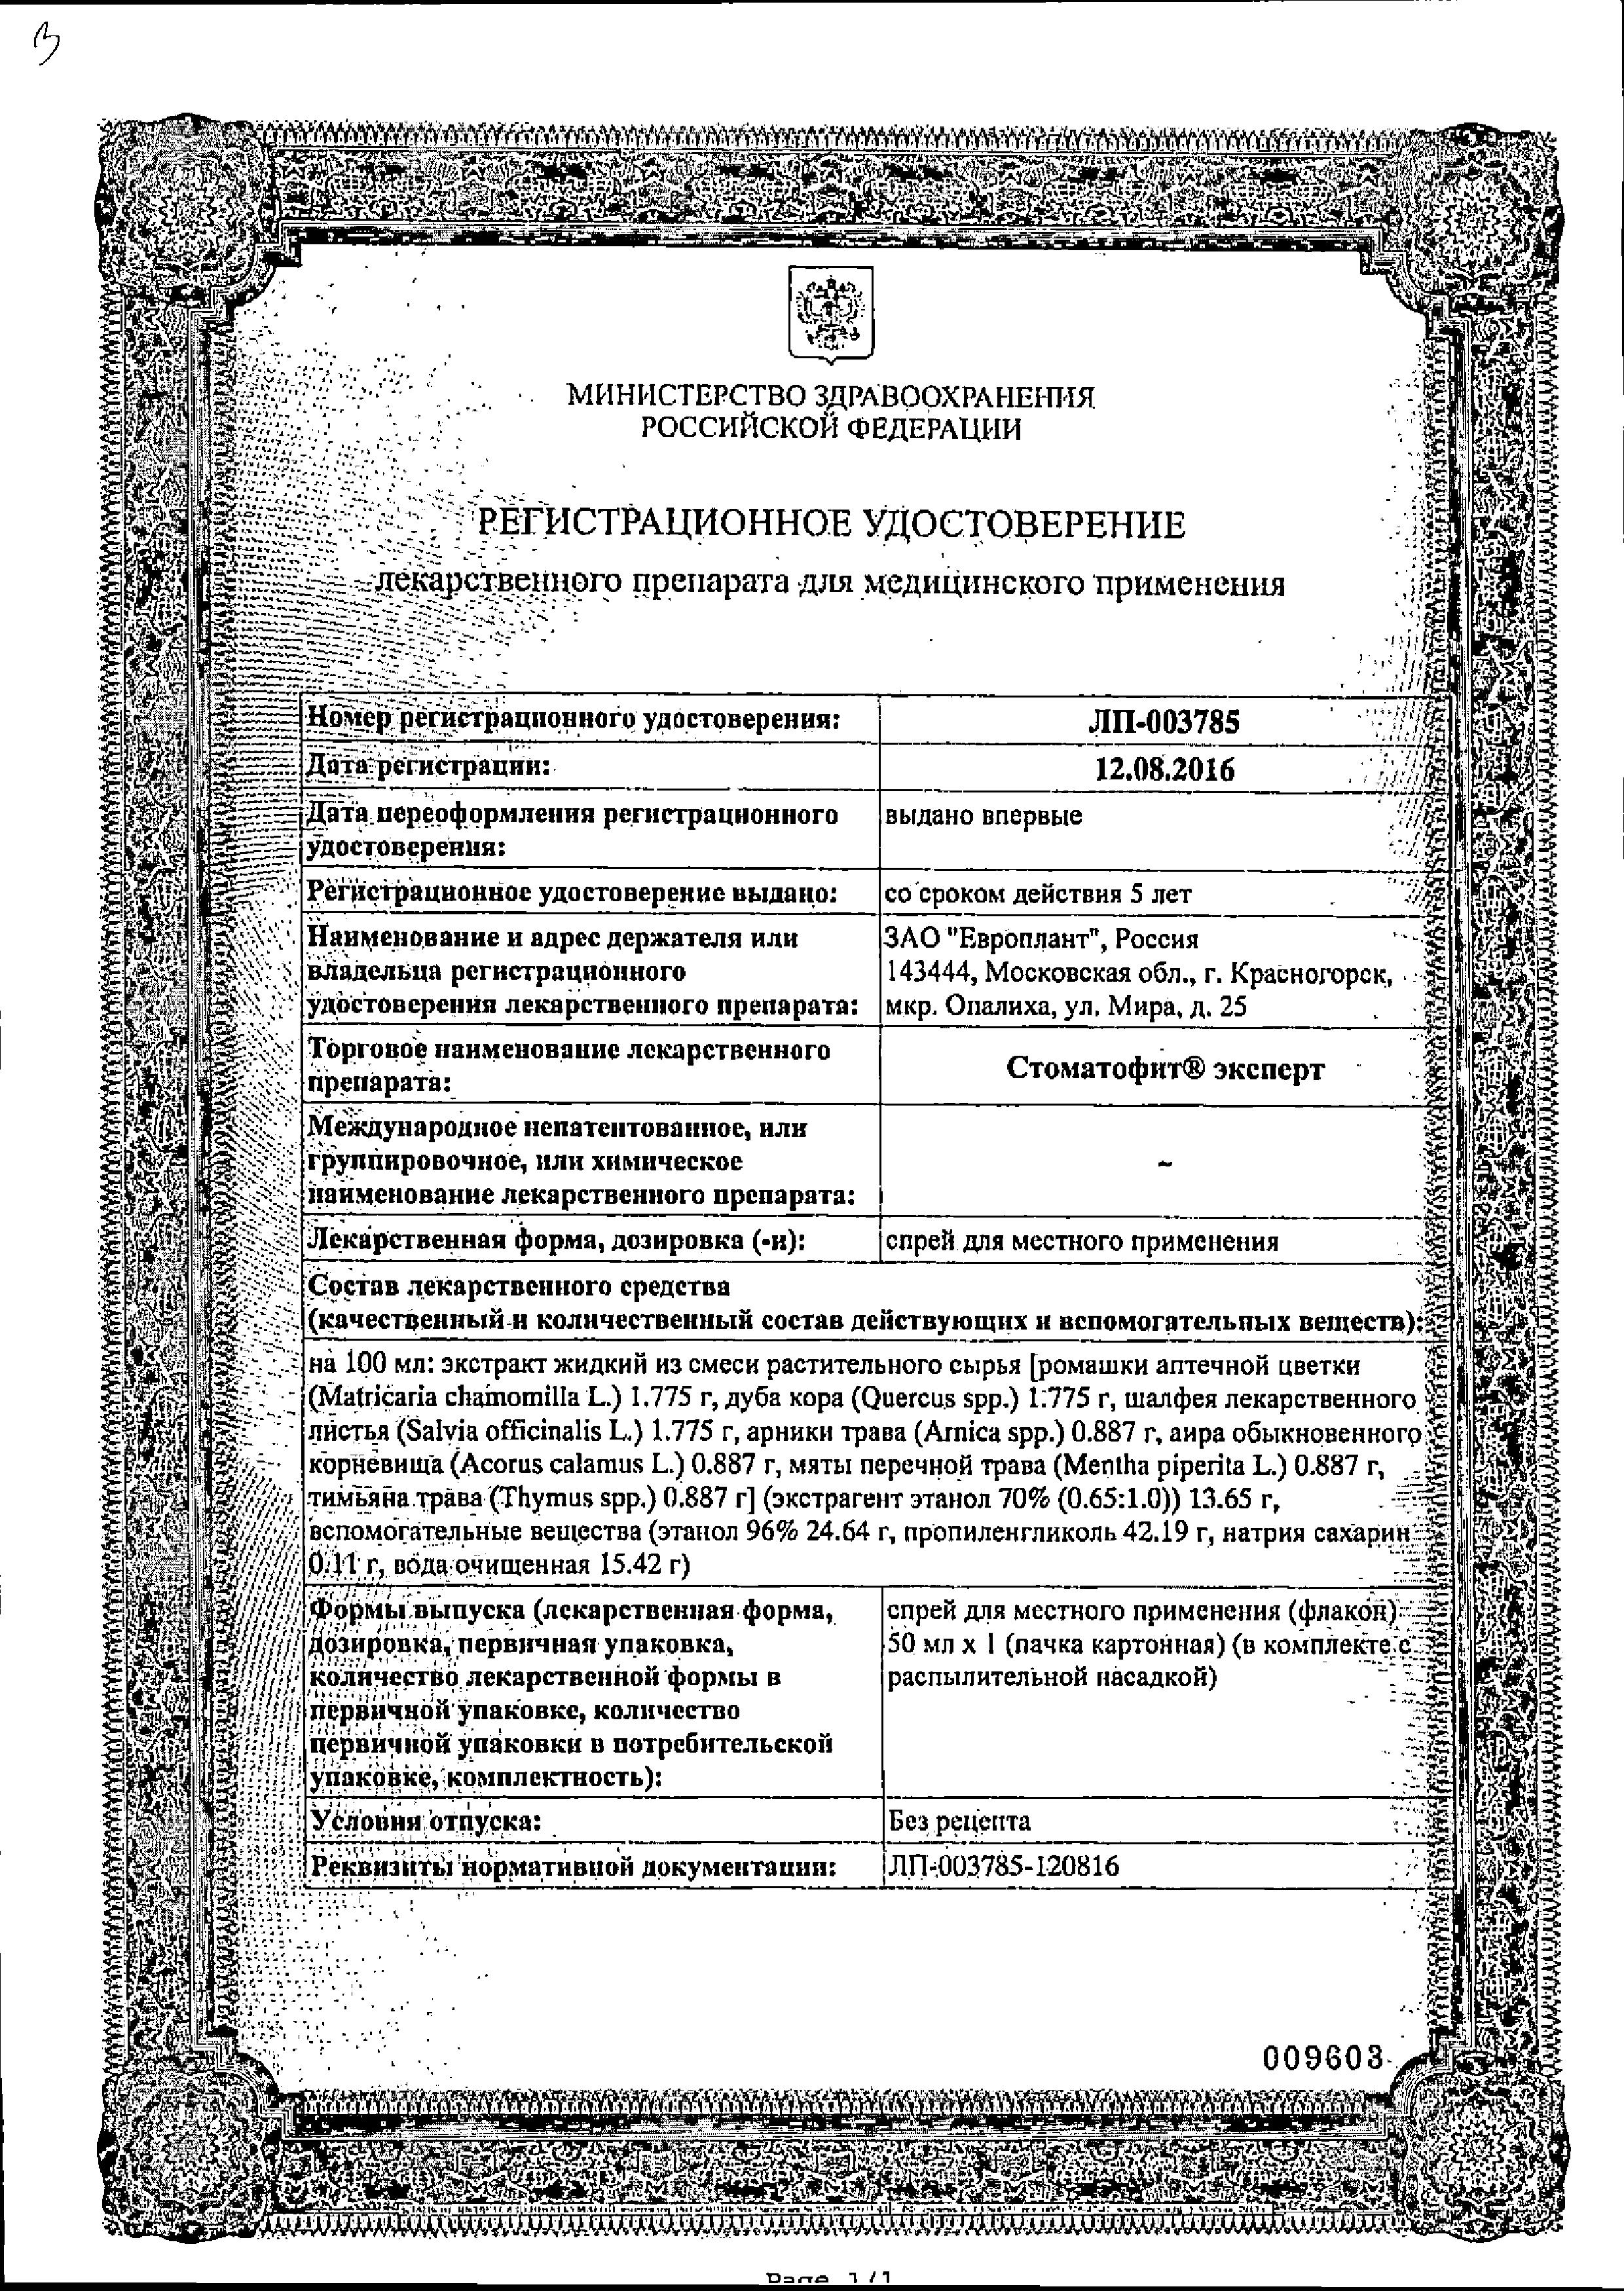 Стоматофит Эксперт сертификат